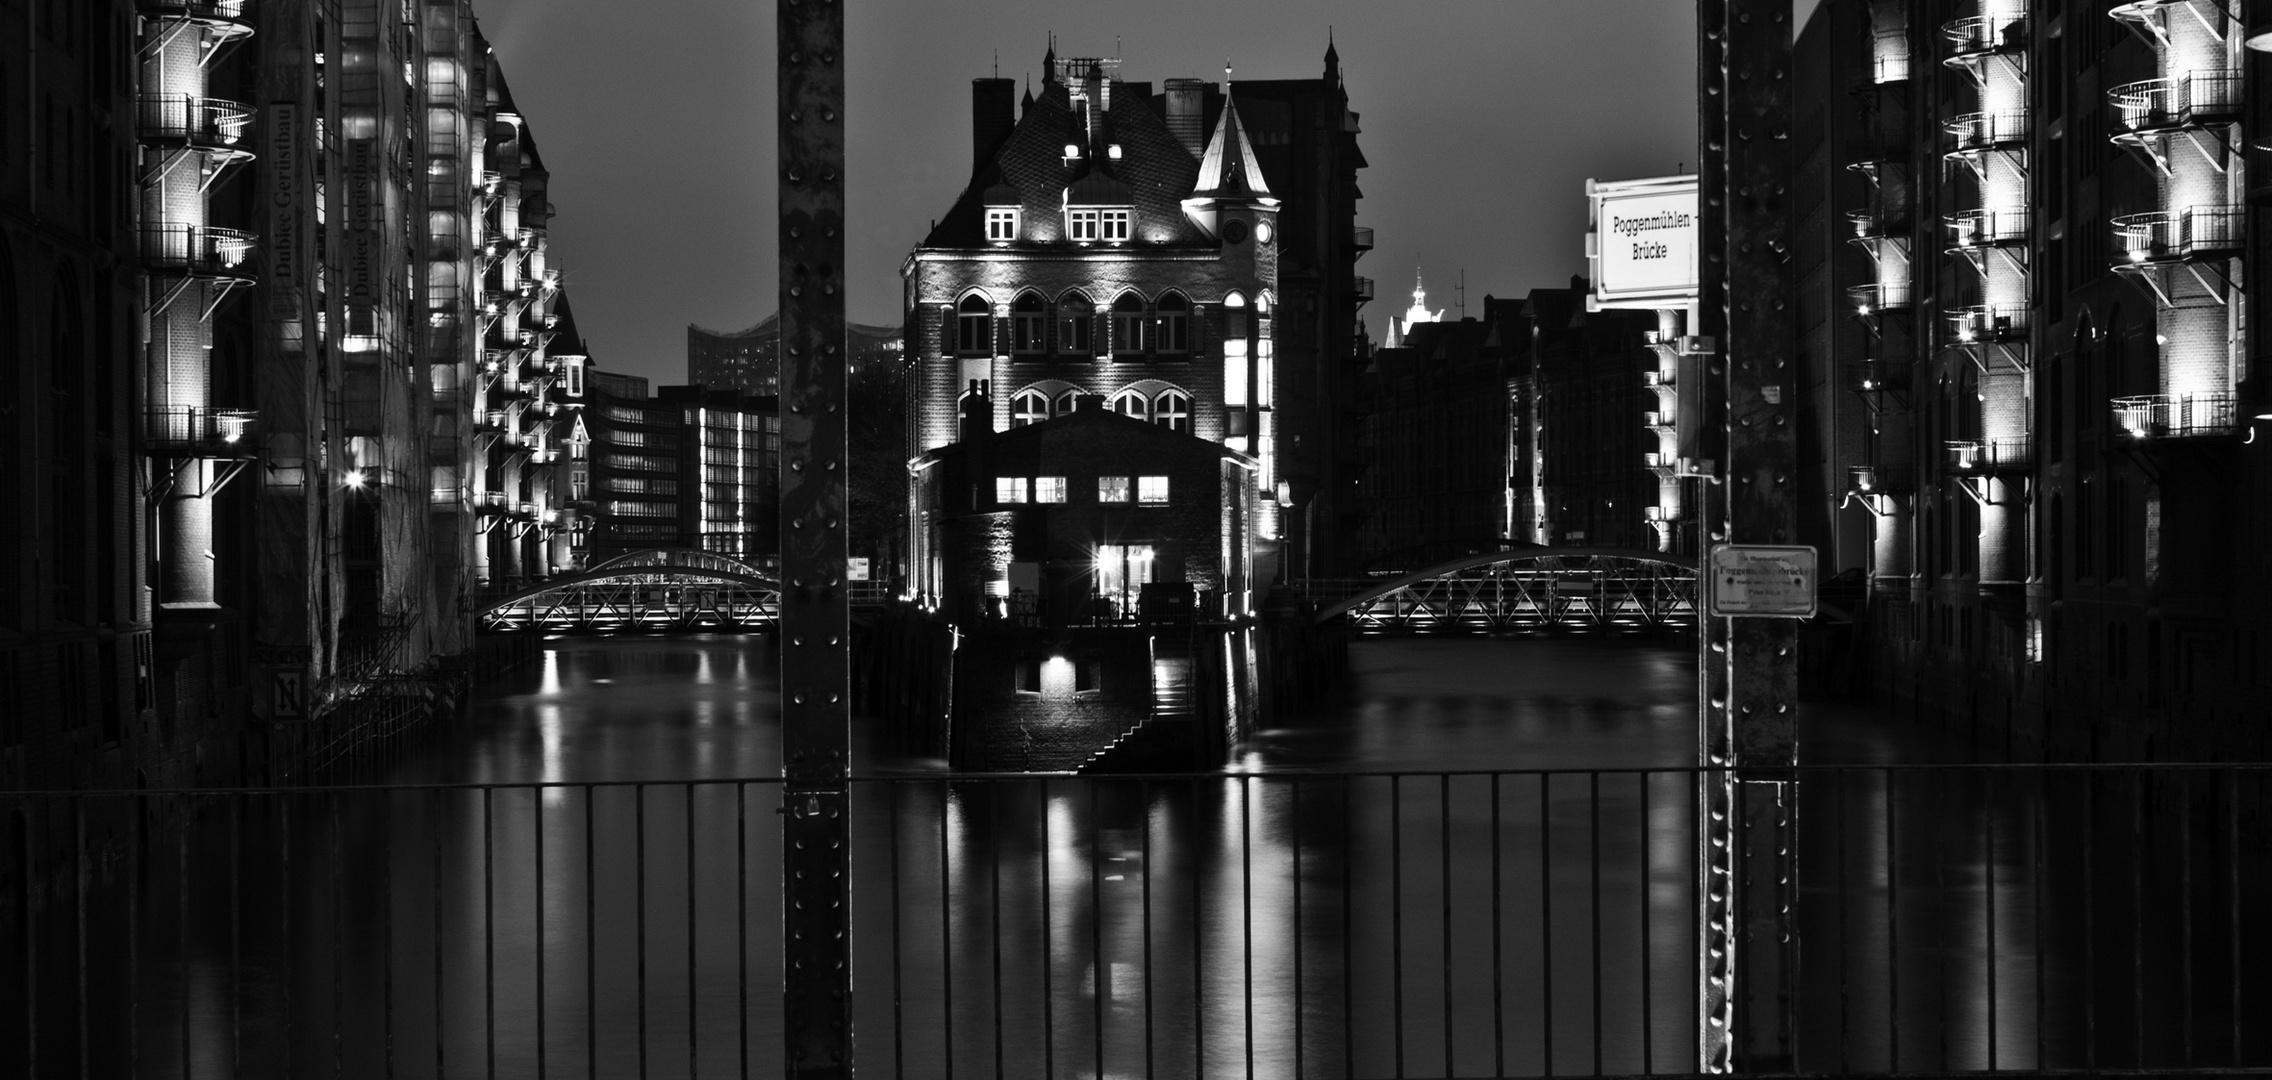 schwarz wei hell dunkel foto bild architektur architektur bei nacht speicherstadt. Black Bedroom Furniture Sets. Home Design Ideas